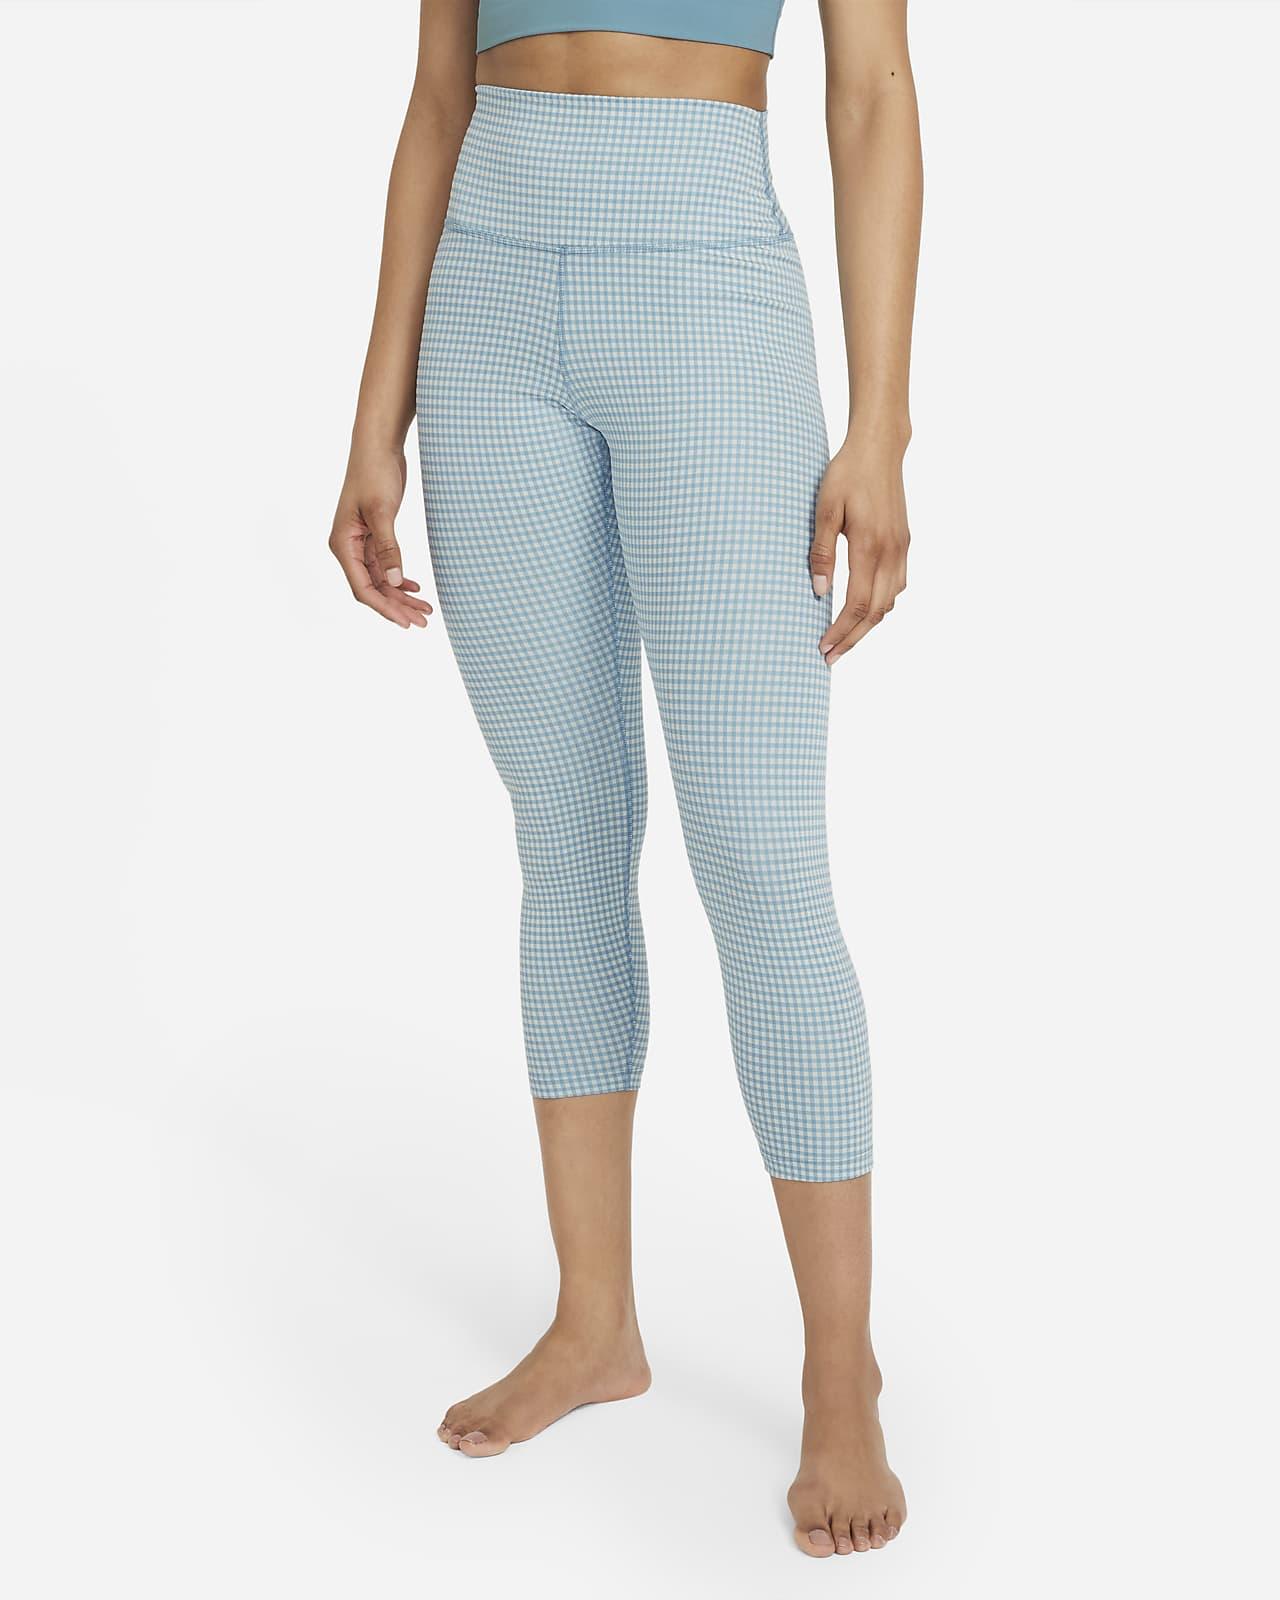 เลกกิ้ง Gingham เอวสูง 5 ส่วนผู้หญิง Nike Yoga